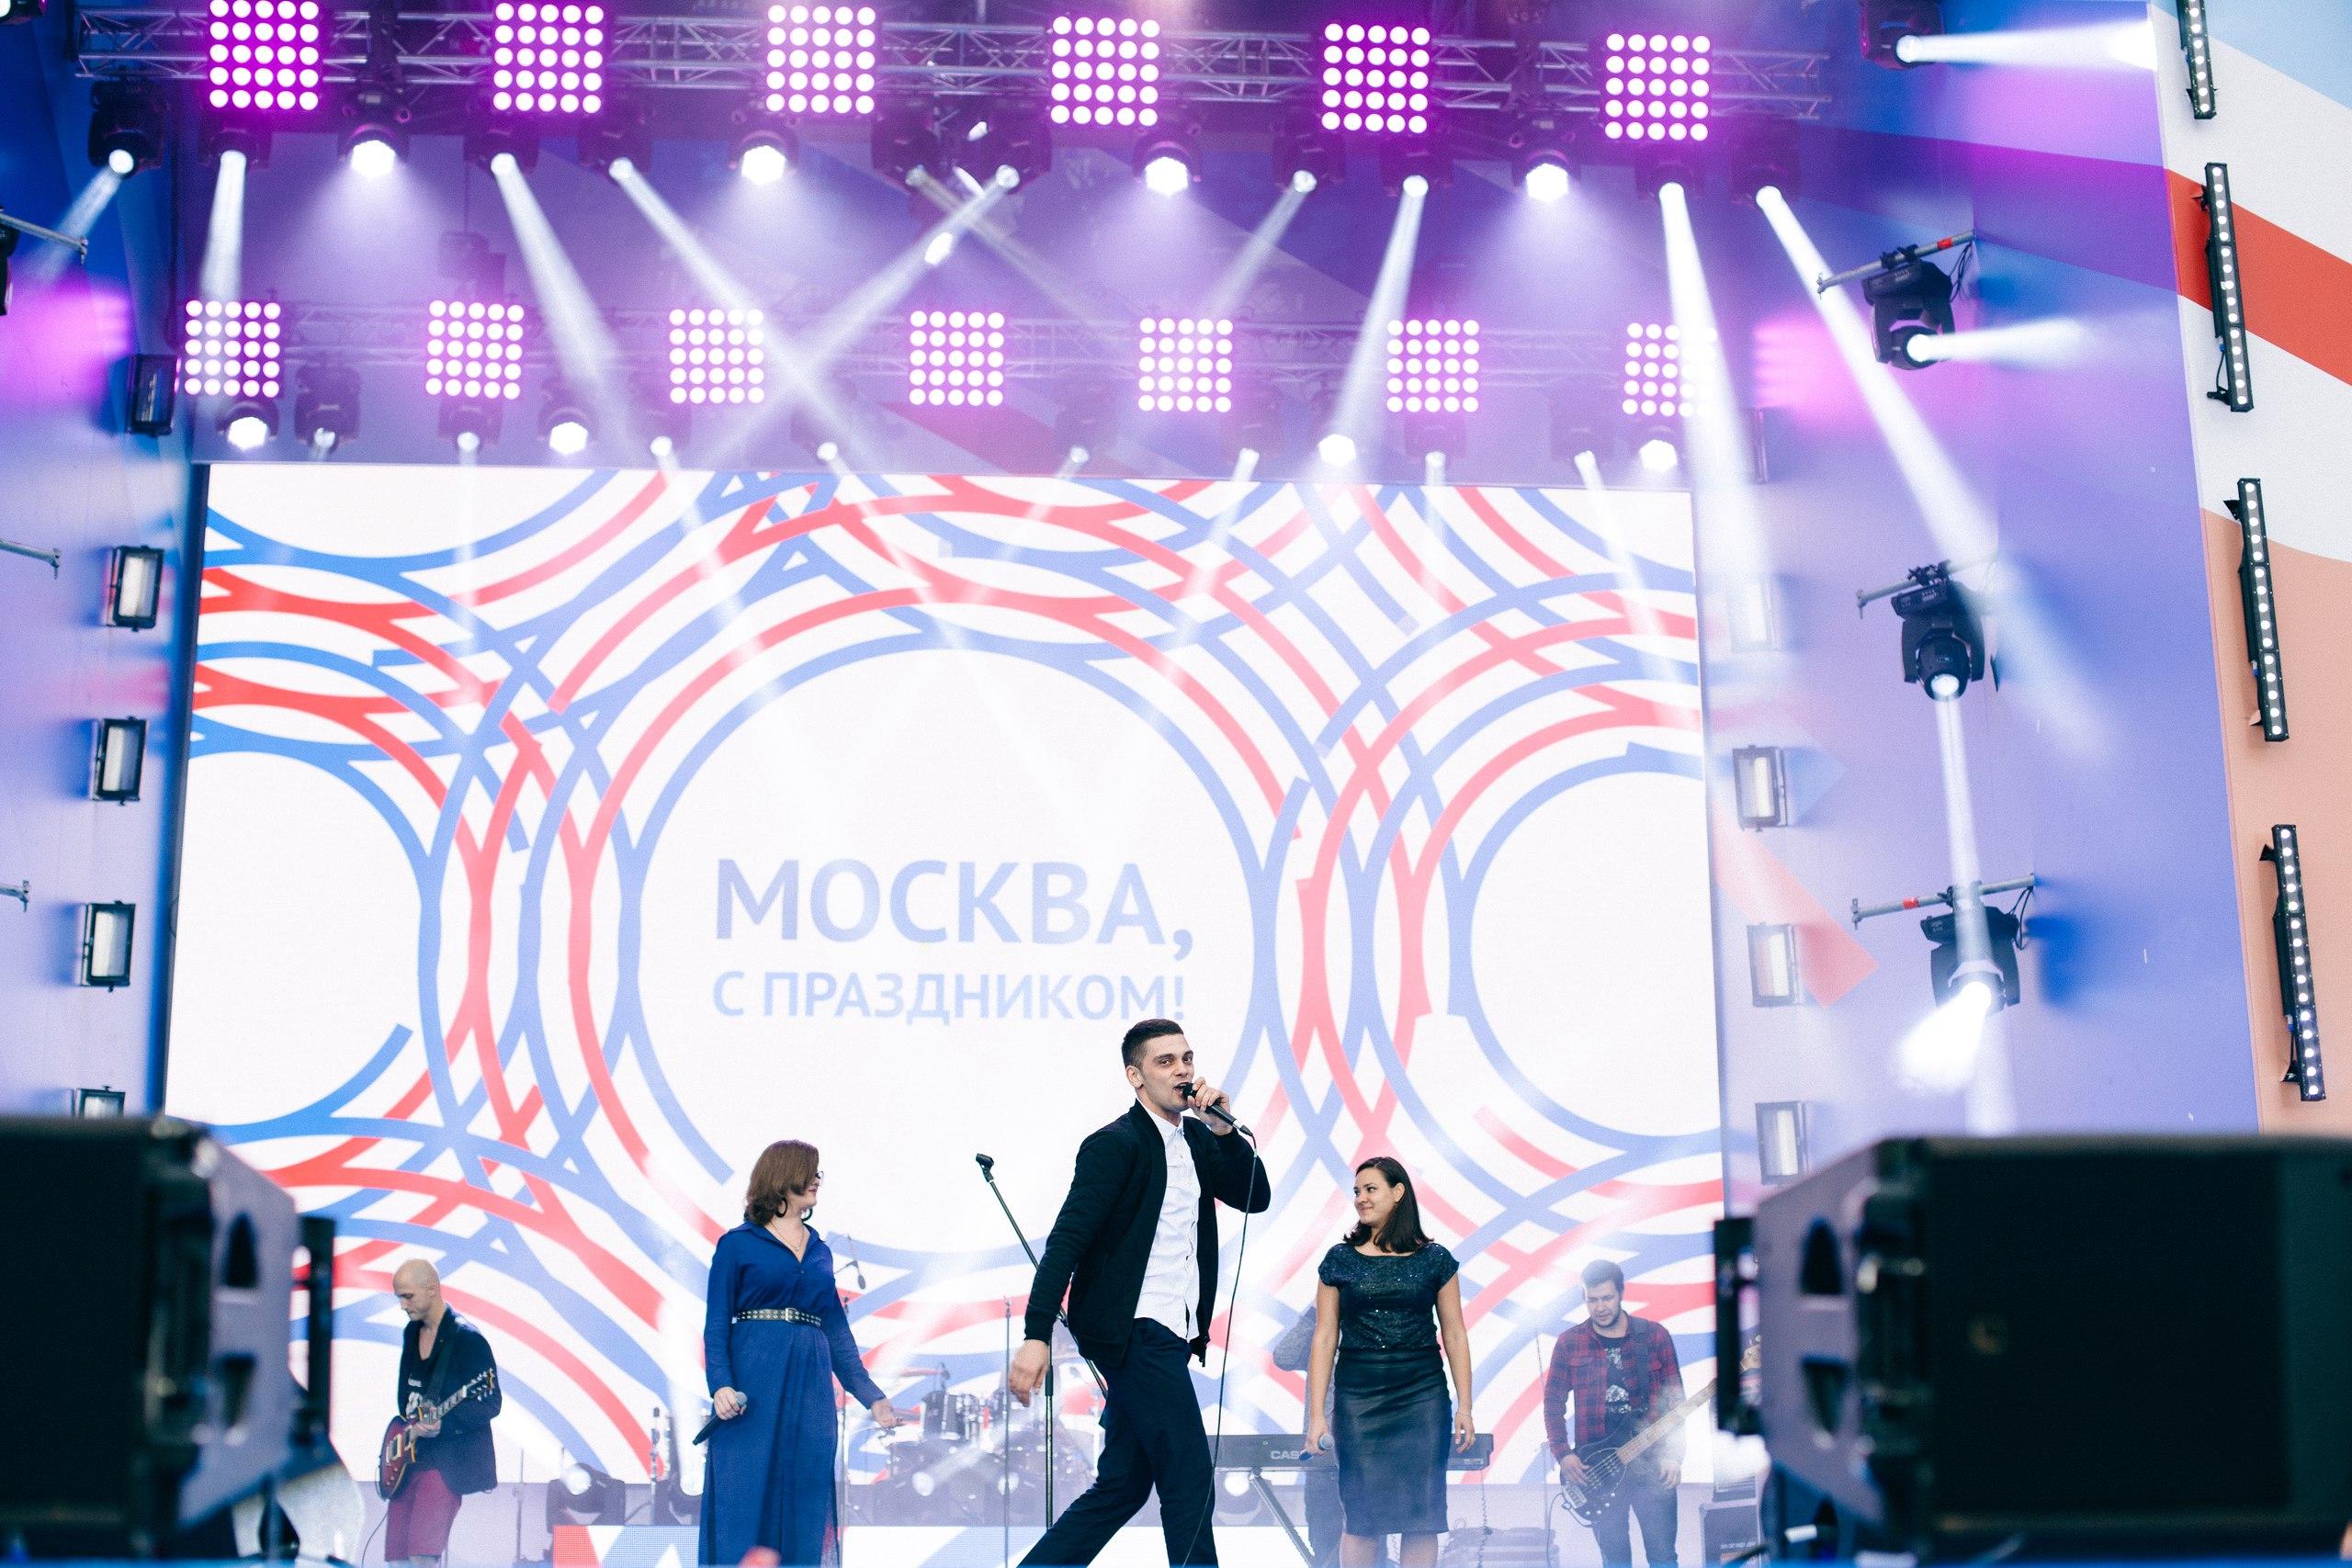 Звезды шоу-бизнеса и молодые артисты поздравят столицу на Поклонной горе